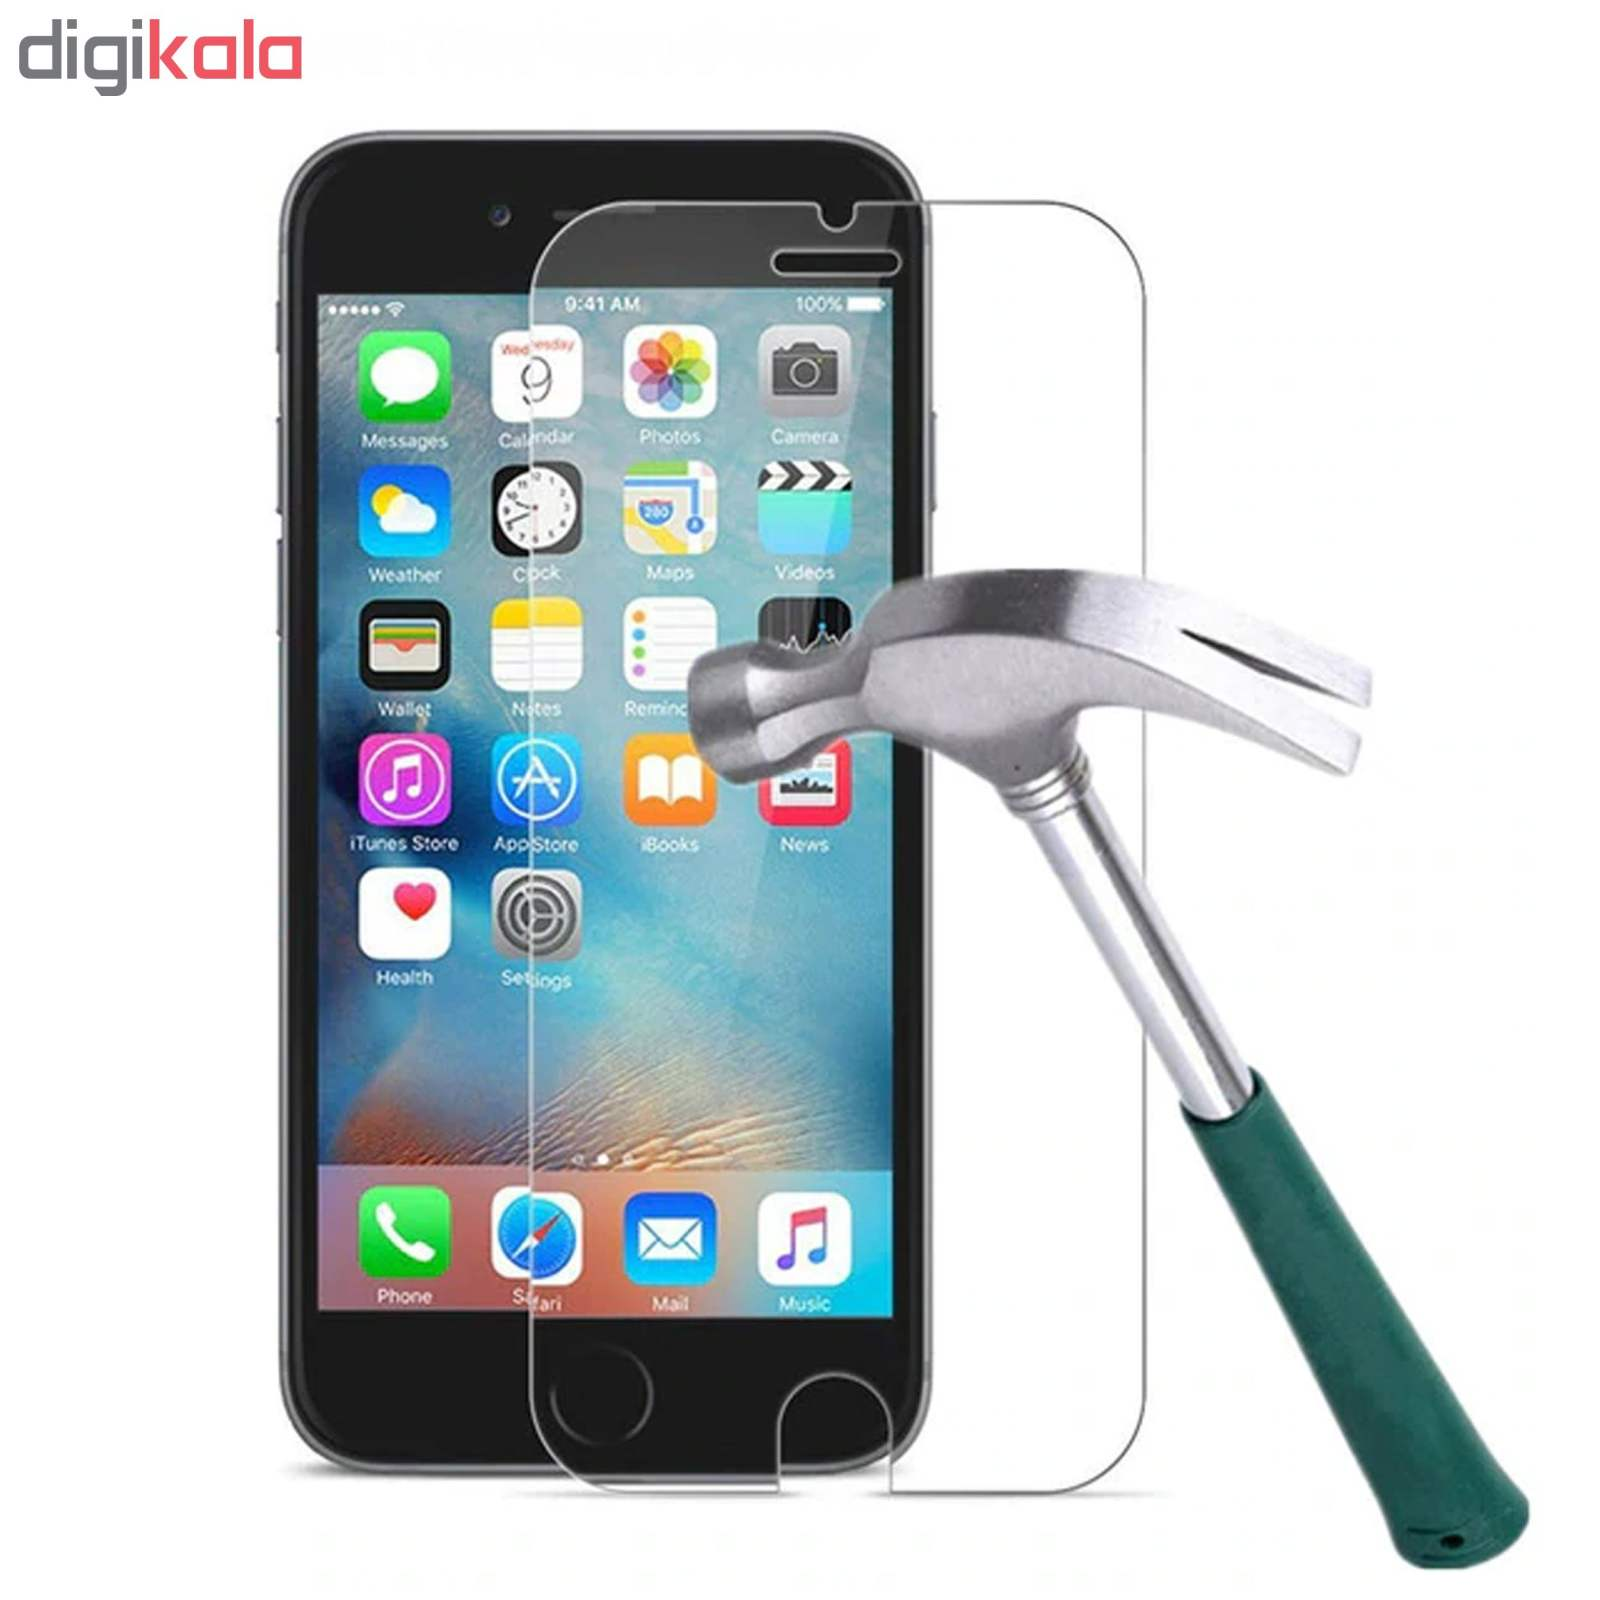 محافظ صفحه نمایش و پشت گوشی اسپایدر مدل S-TMP002 مناسب برای گوشی موبایل اپل iPhone 6 Plus / 6S Plus main 1 1